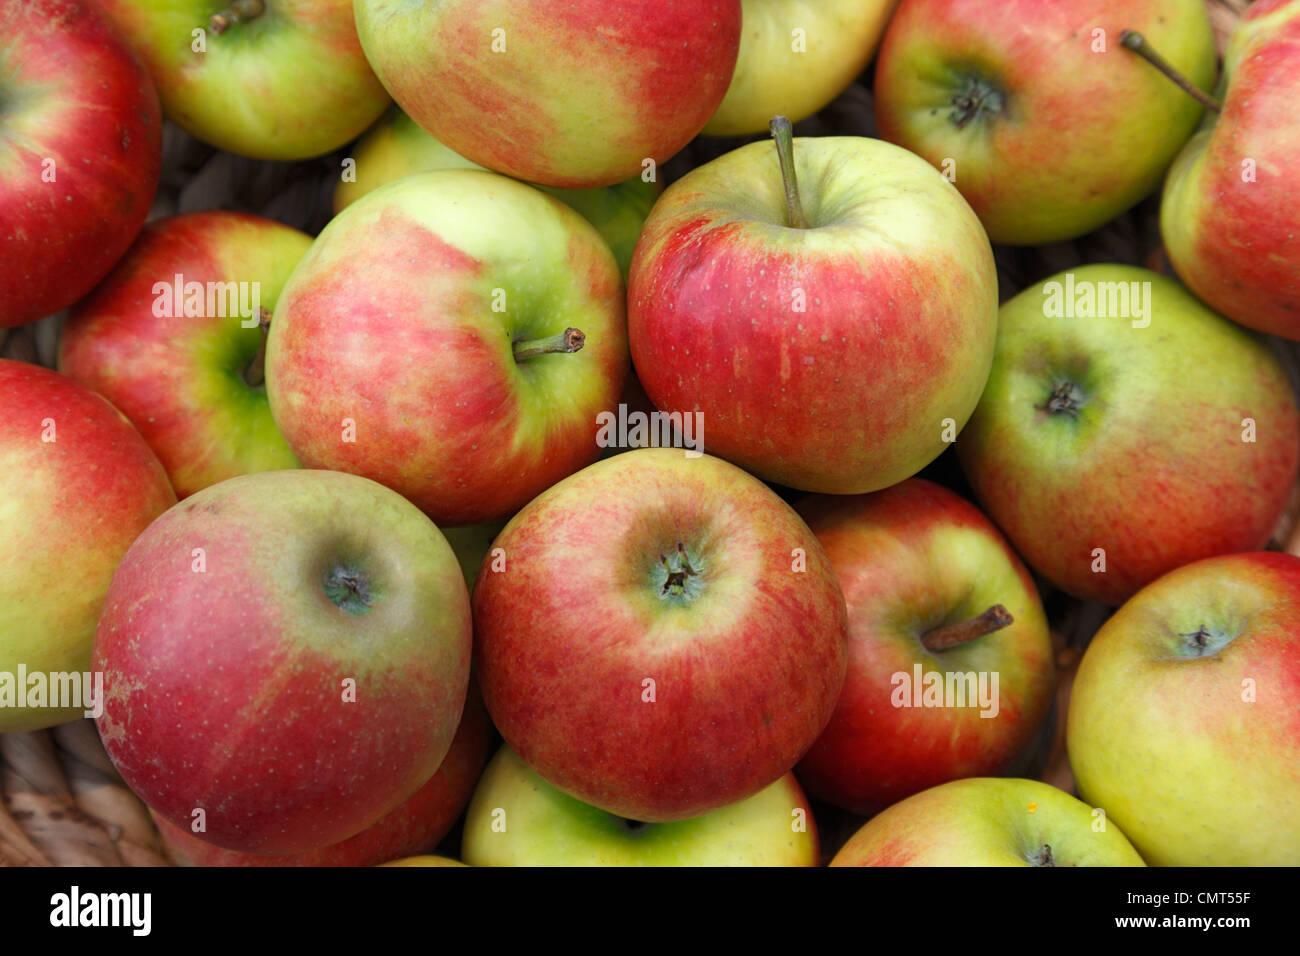 foodstuffs, fruit, pipfruit, apples, Malus domestica, Berlepsch Stock Photo